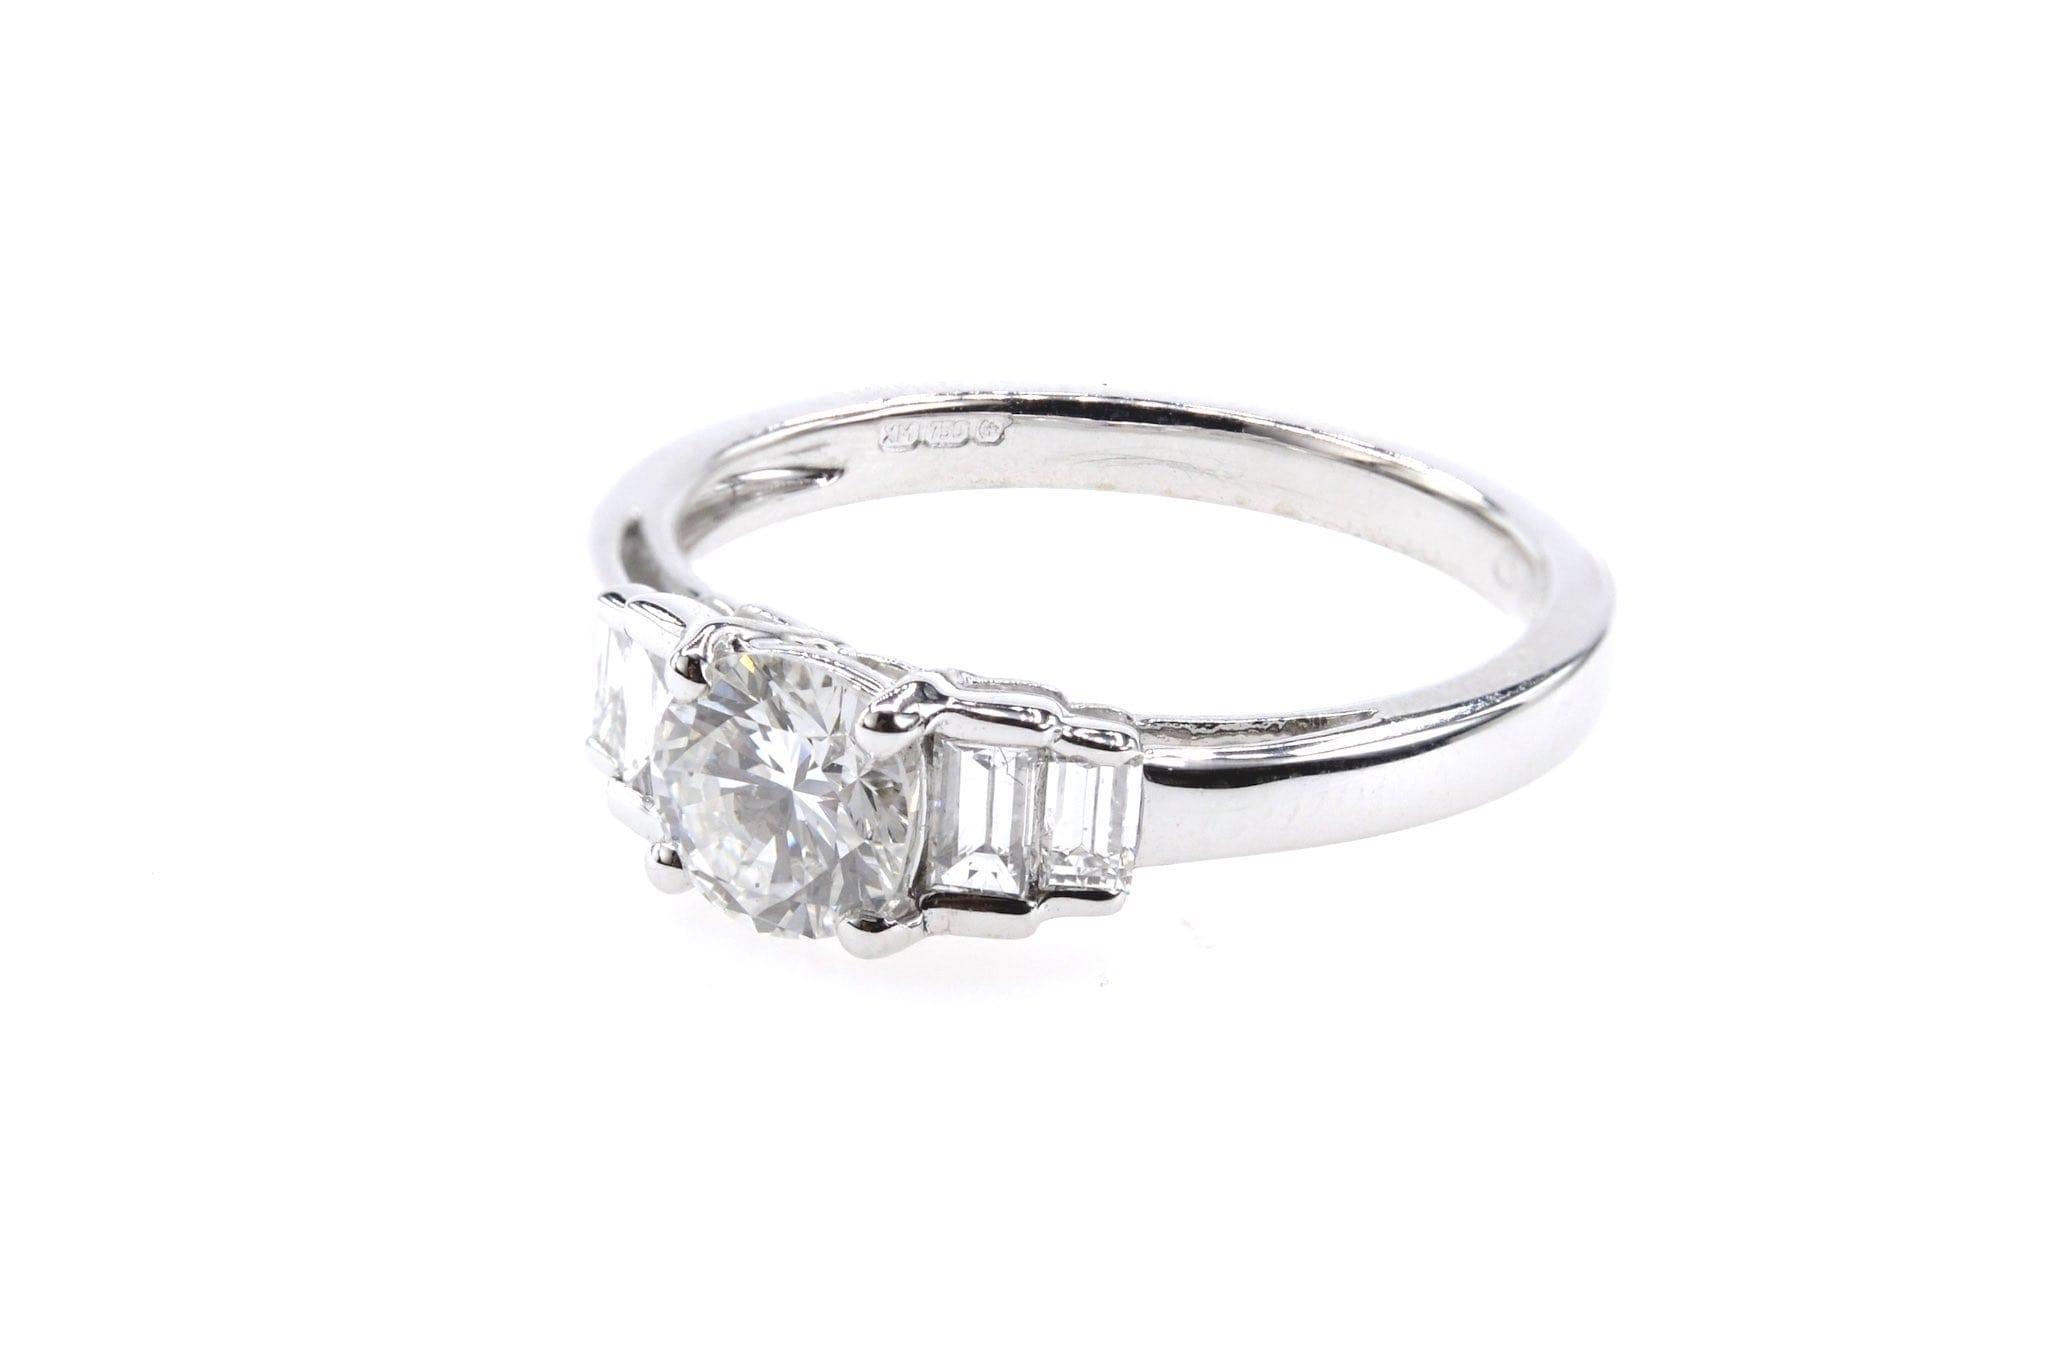 Bague solitaire diamants et diamants baguettes